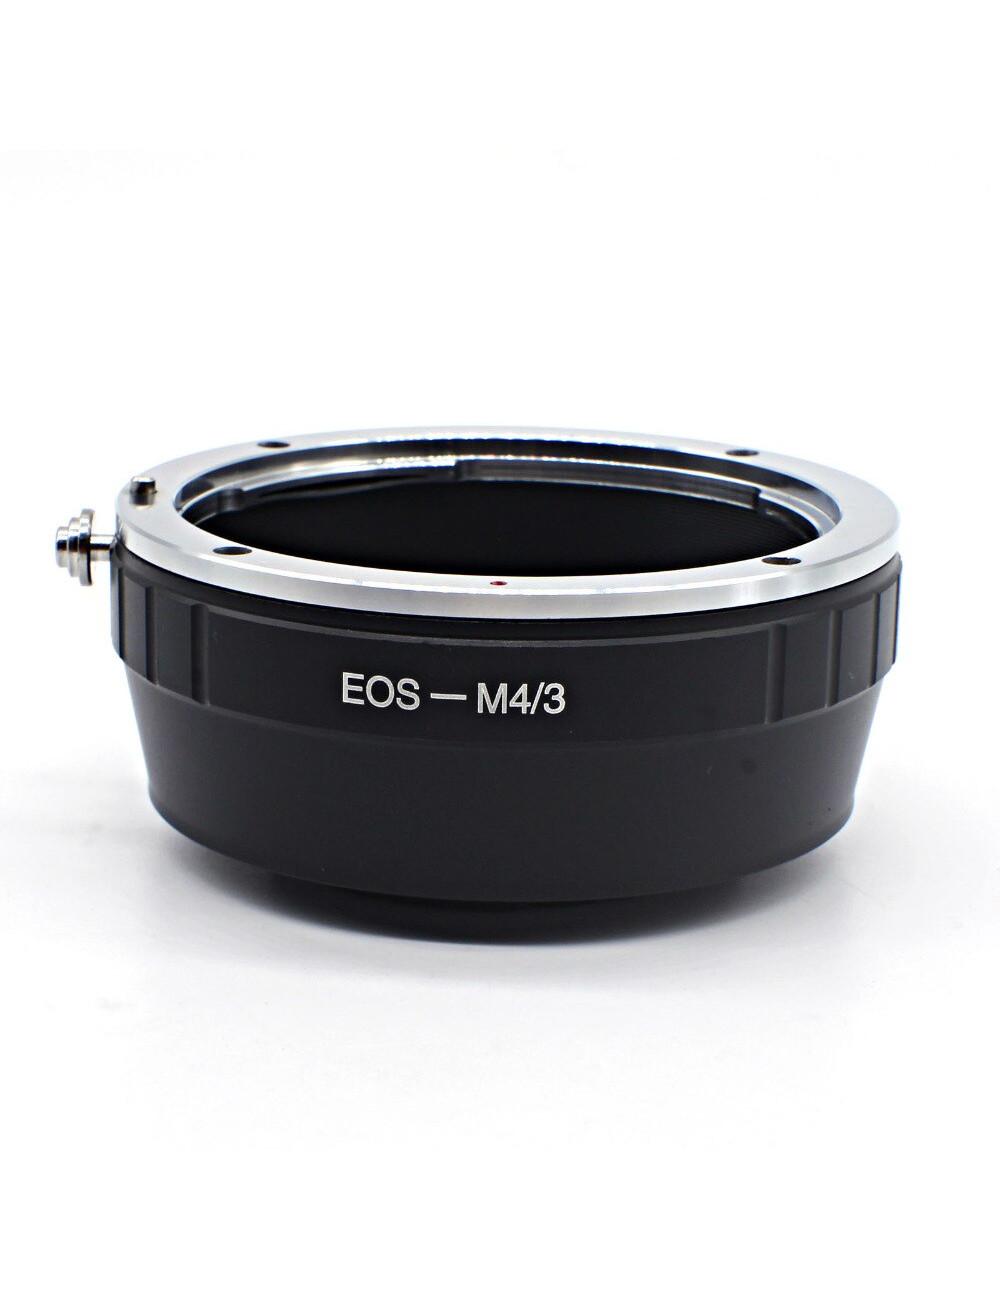 Gran LED Anular YN-608W RGB Ideal Para Foto y Video de Maquillajes